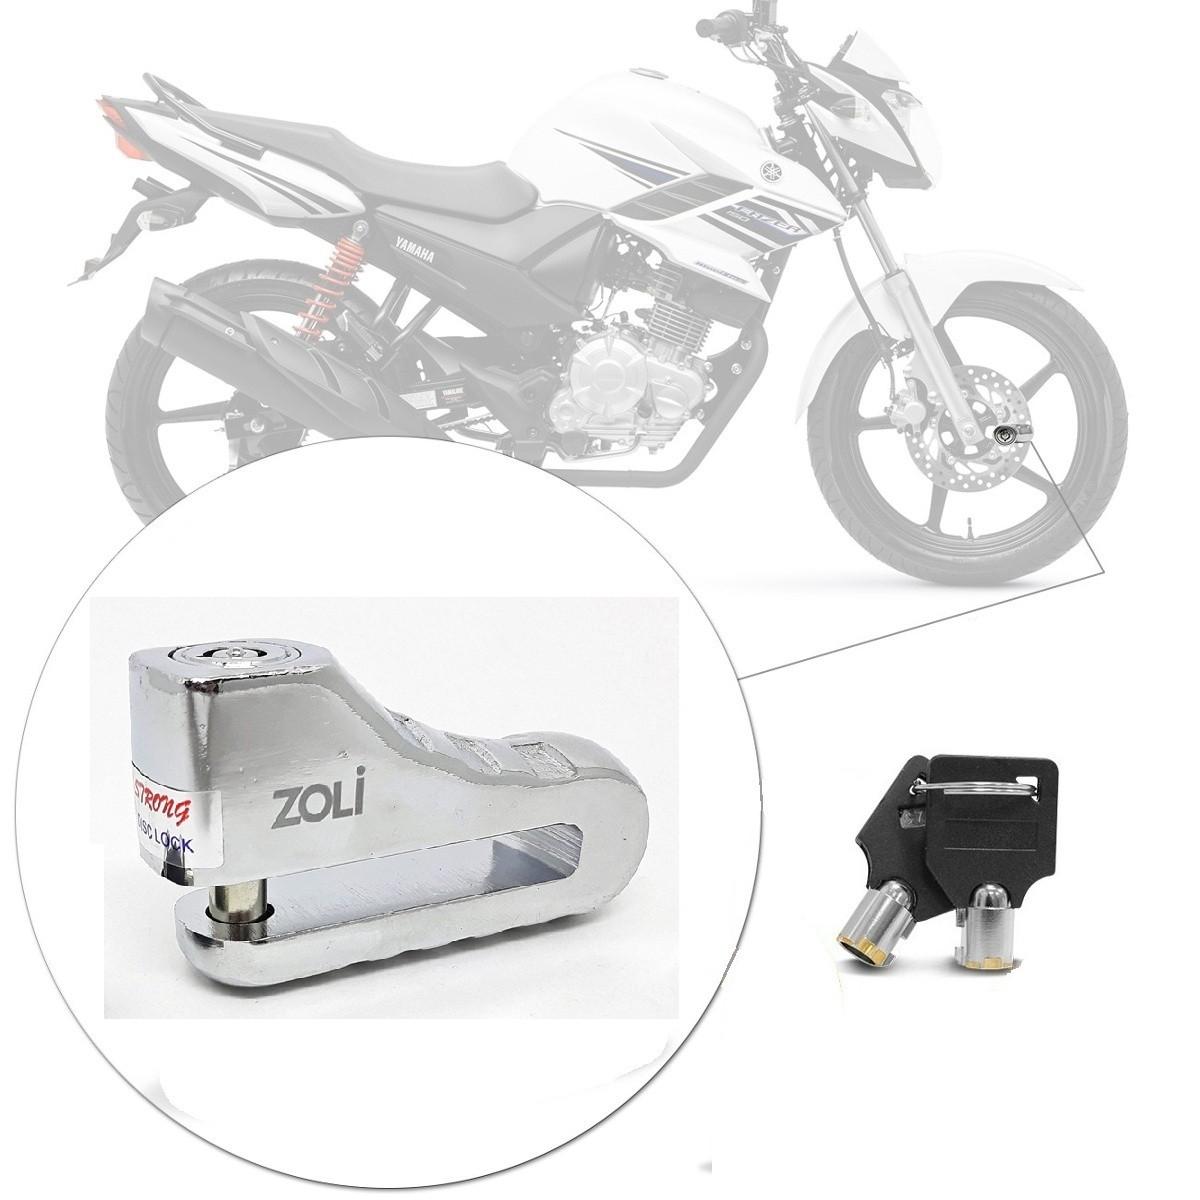 Trava Disco Anti-furto Moto Freio à Disco Cromada Chave K2 10mm Zoli